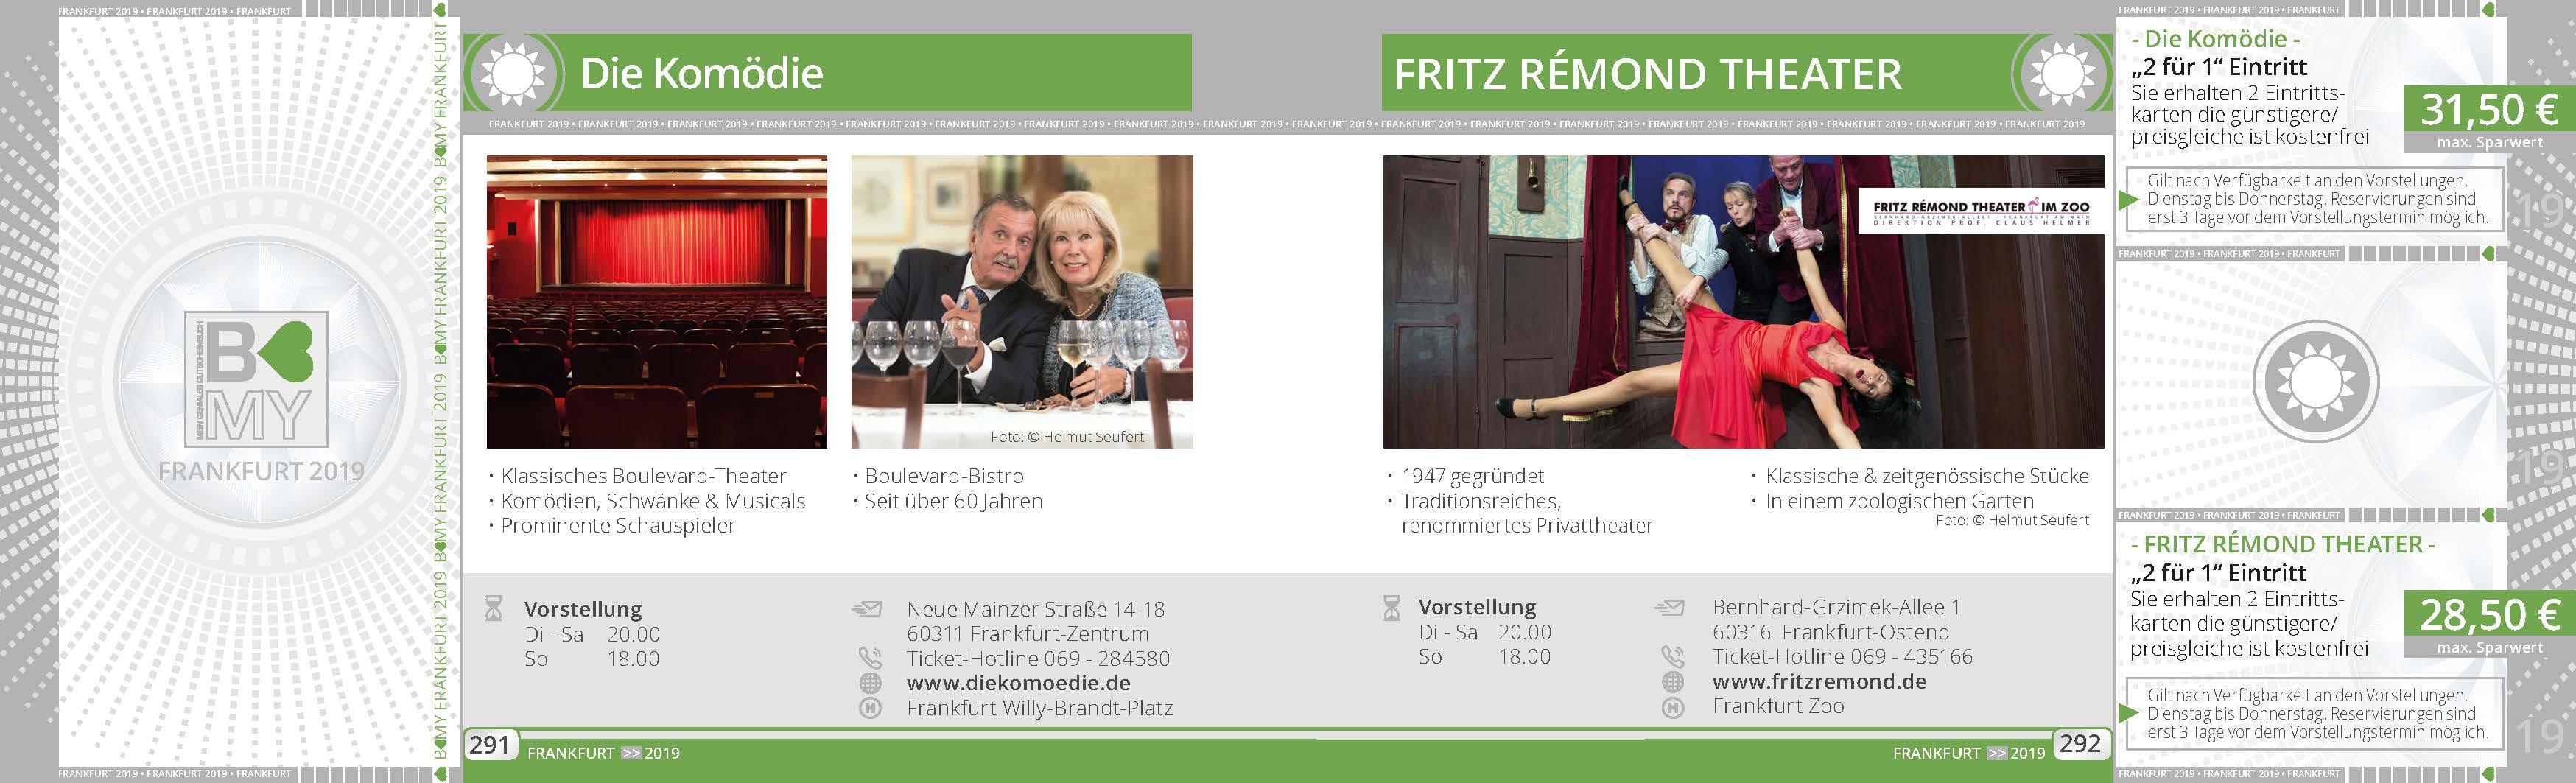 Freizeit Amp Familie Partner 2019 Staedteherz De